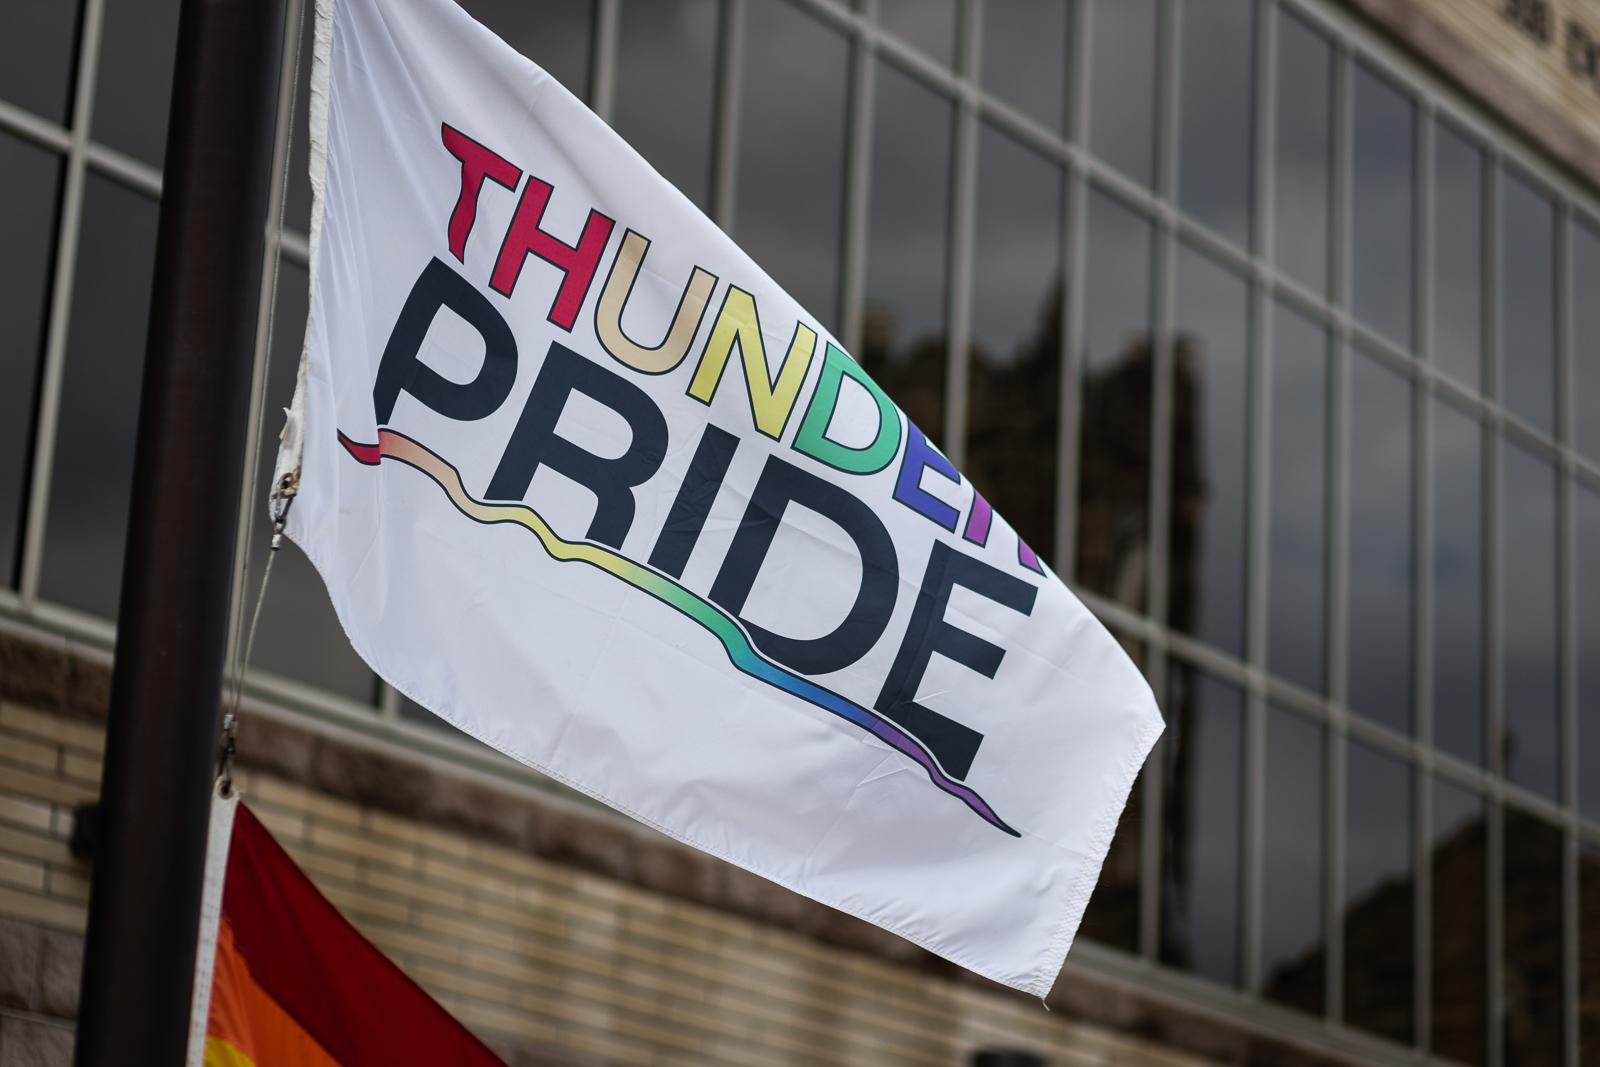 pride-2019-opening-ceremonies-blog-12.jpg